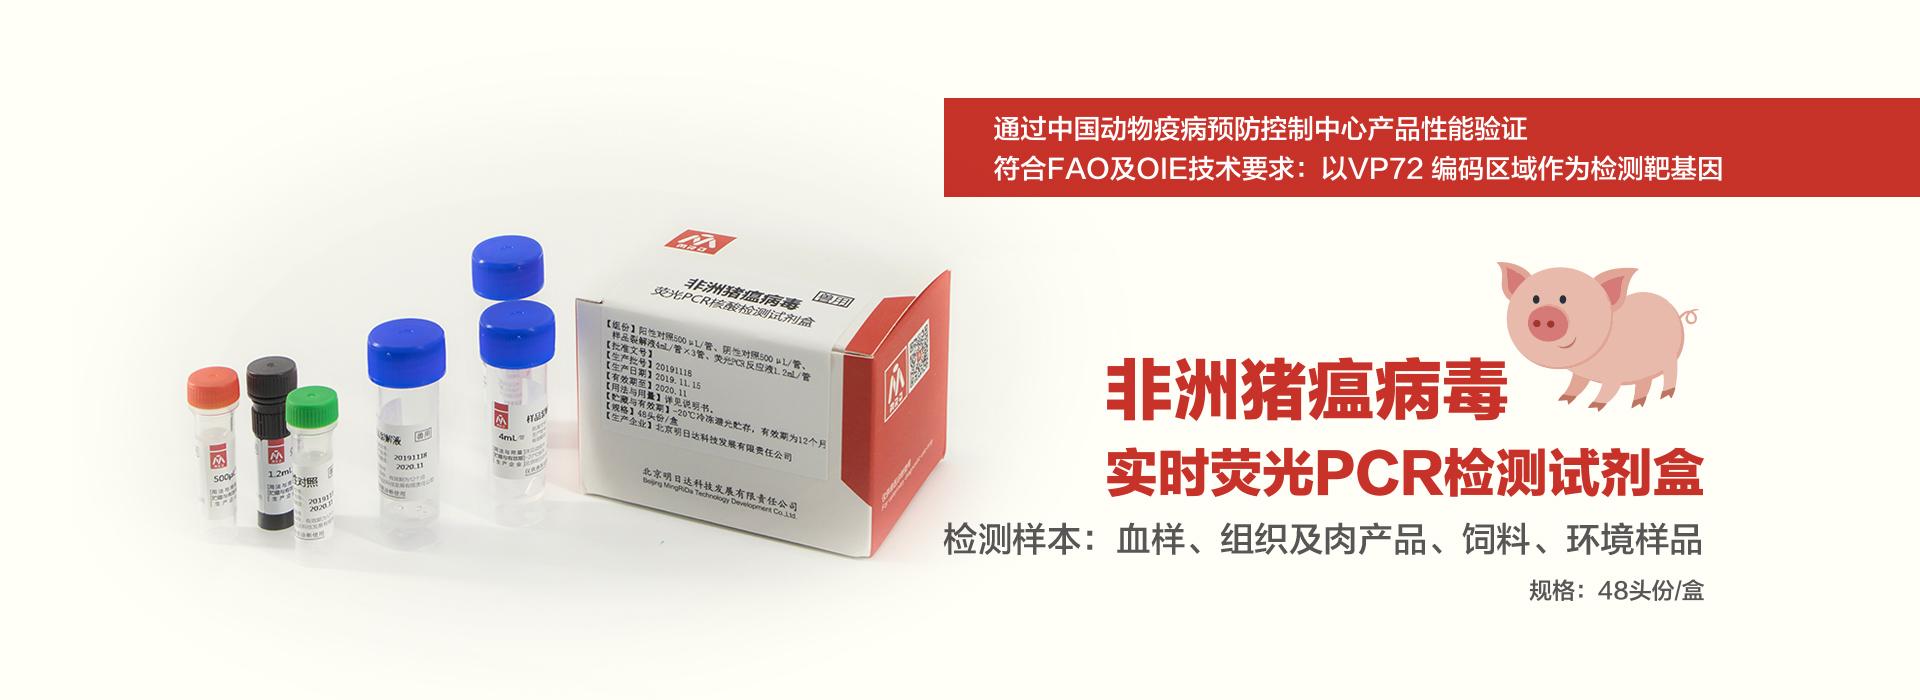 非洲豬(zhu)瘟病毒(du)實時熒光pcr檢測試劑盒